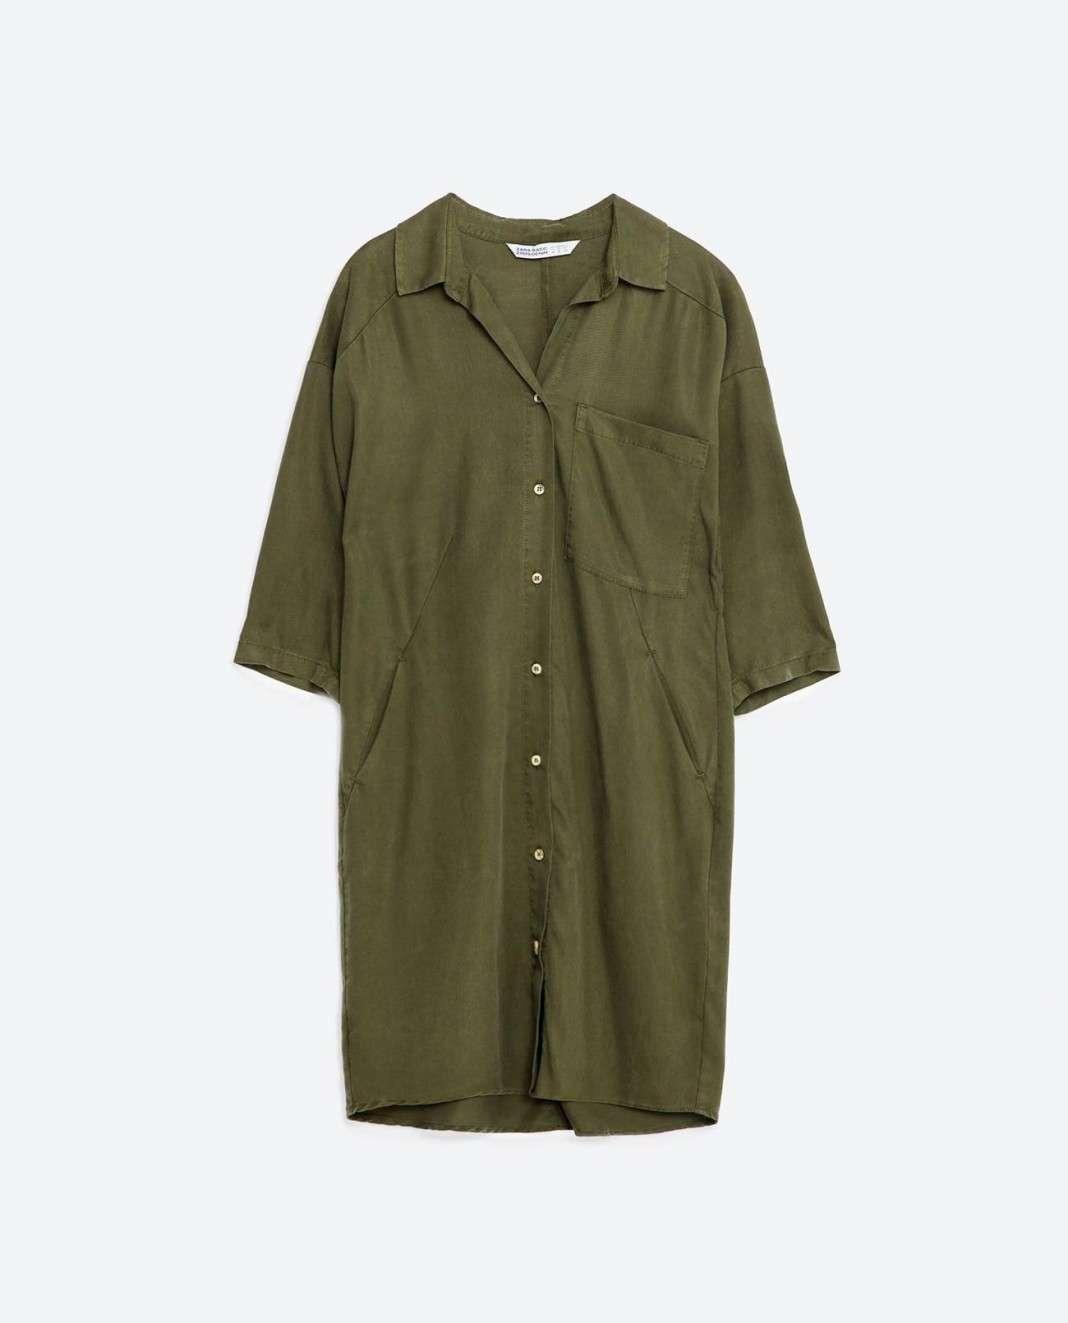 vestidos de Zara para el verano 2016 camisa verde